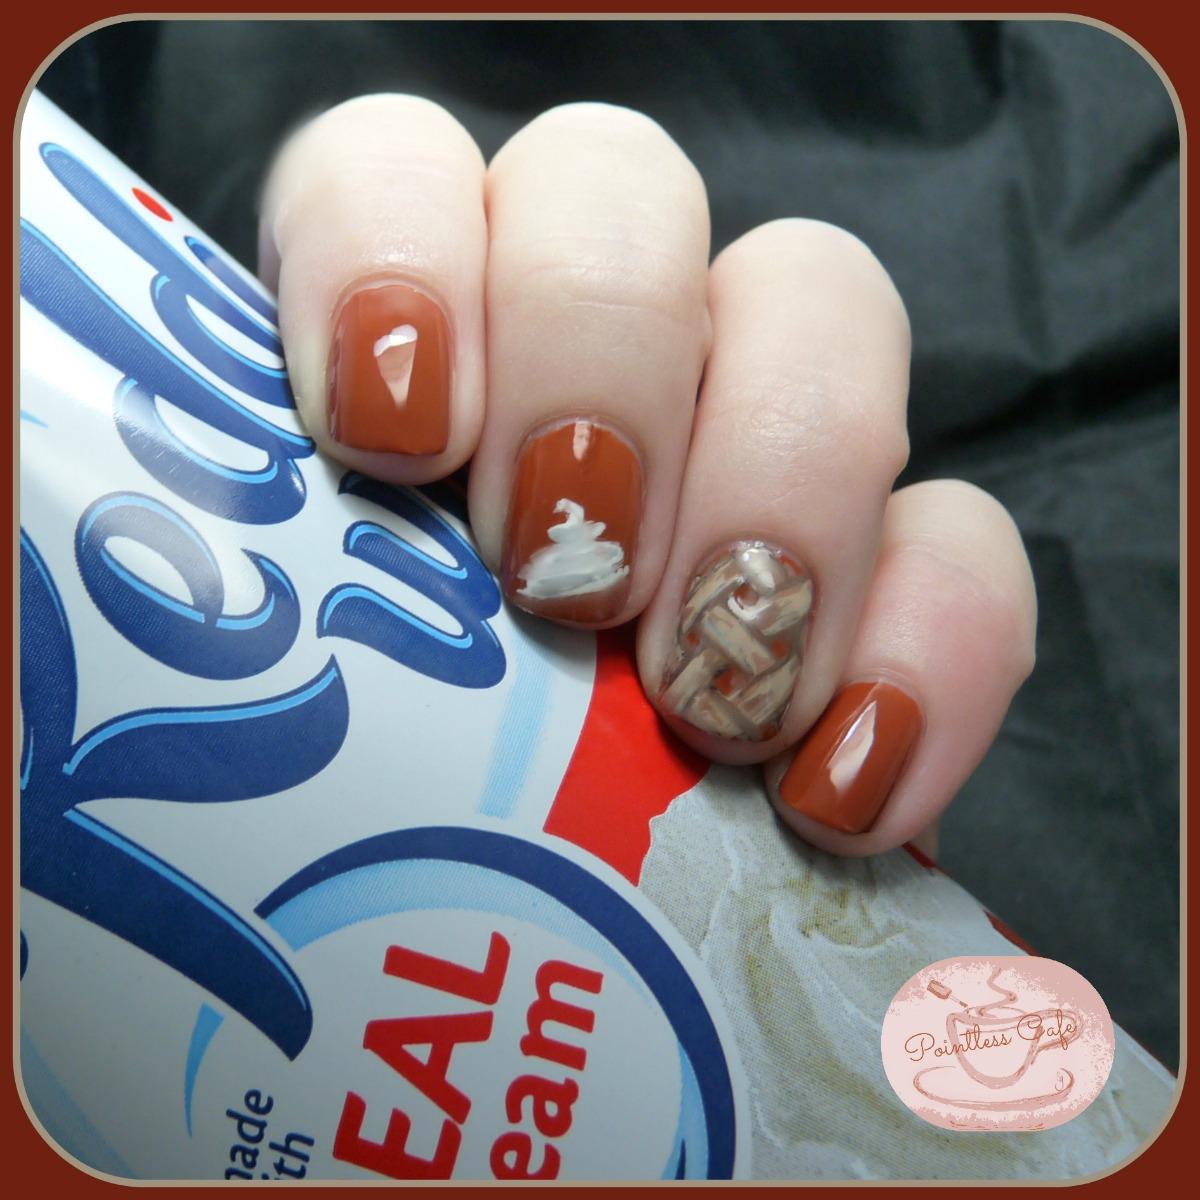 pie-nail-art-autumn-fall